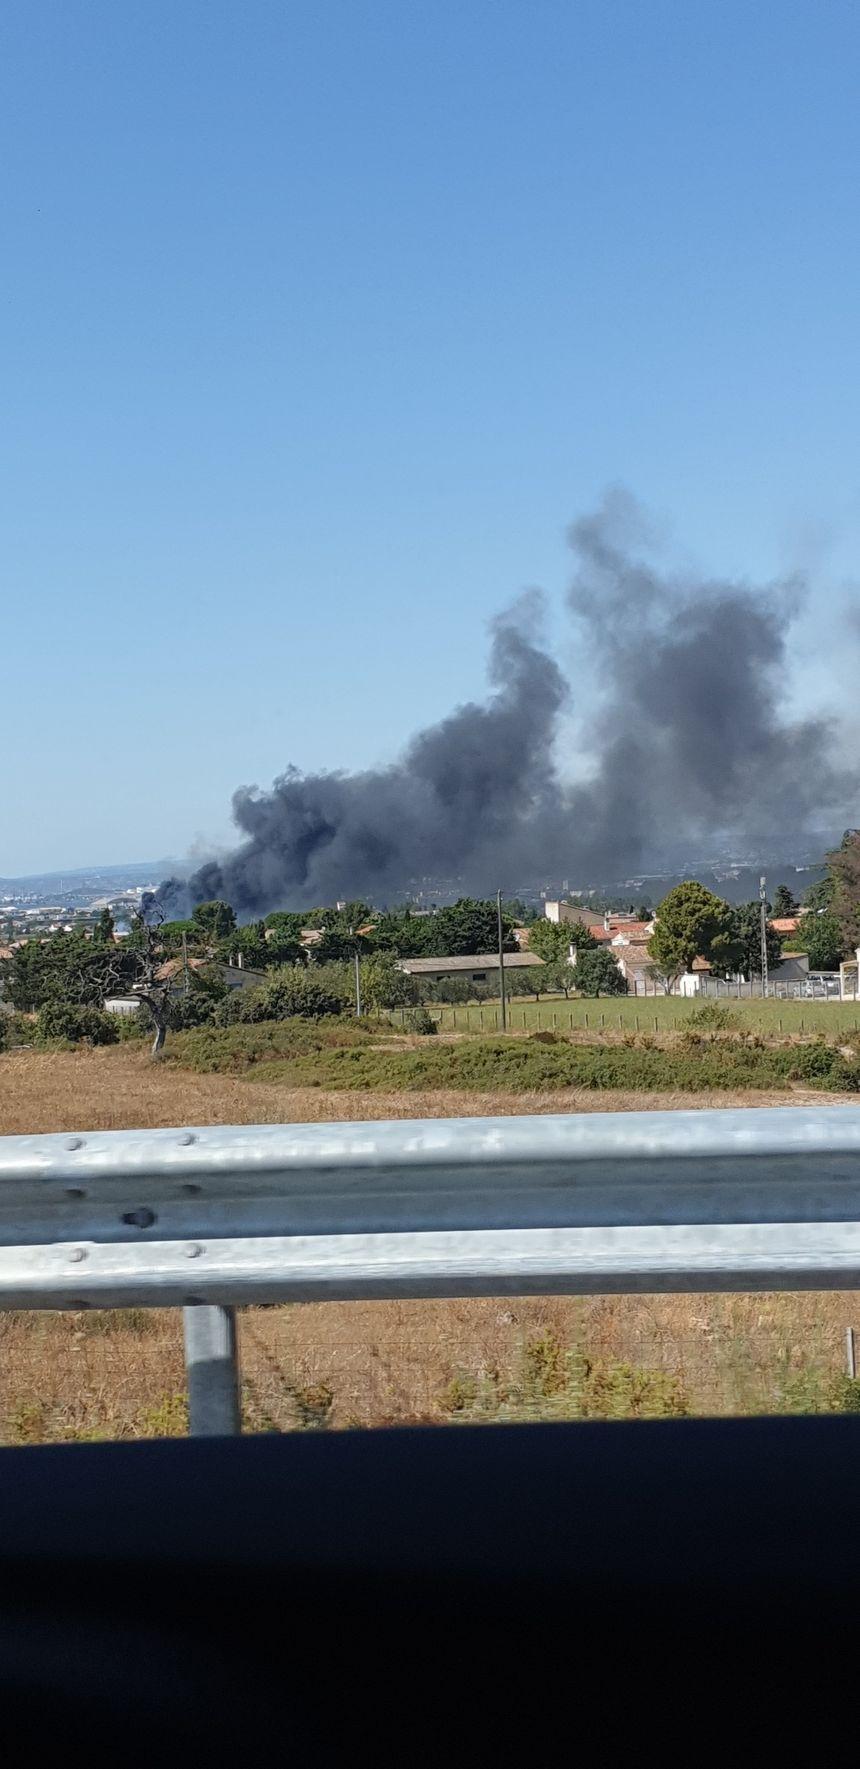 Le feu visible depuis la route